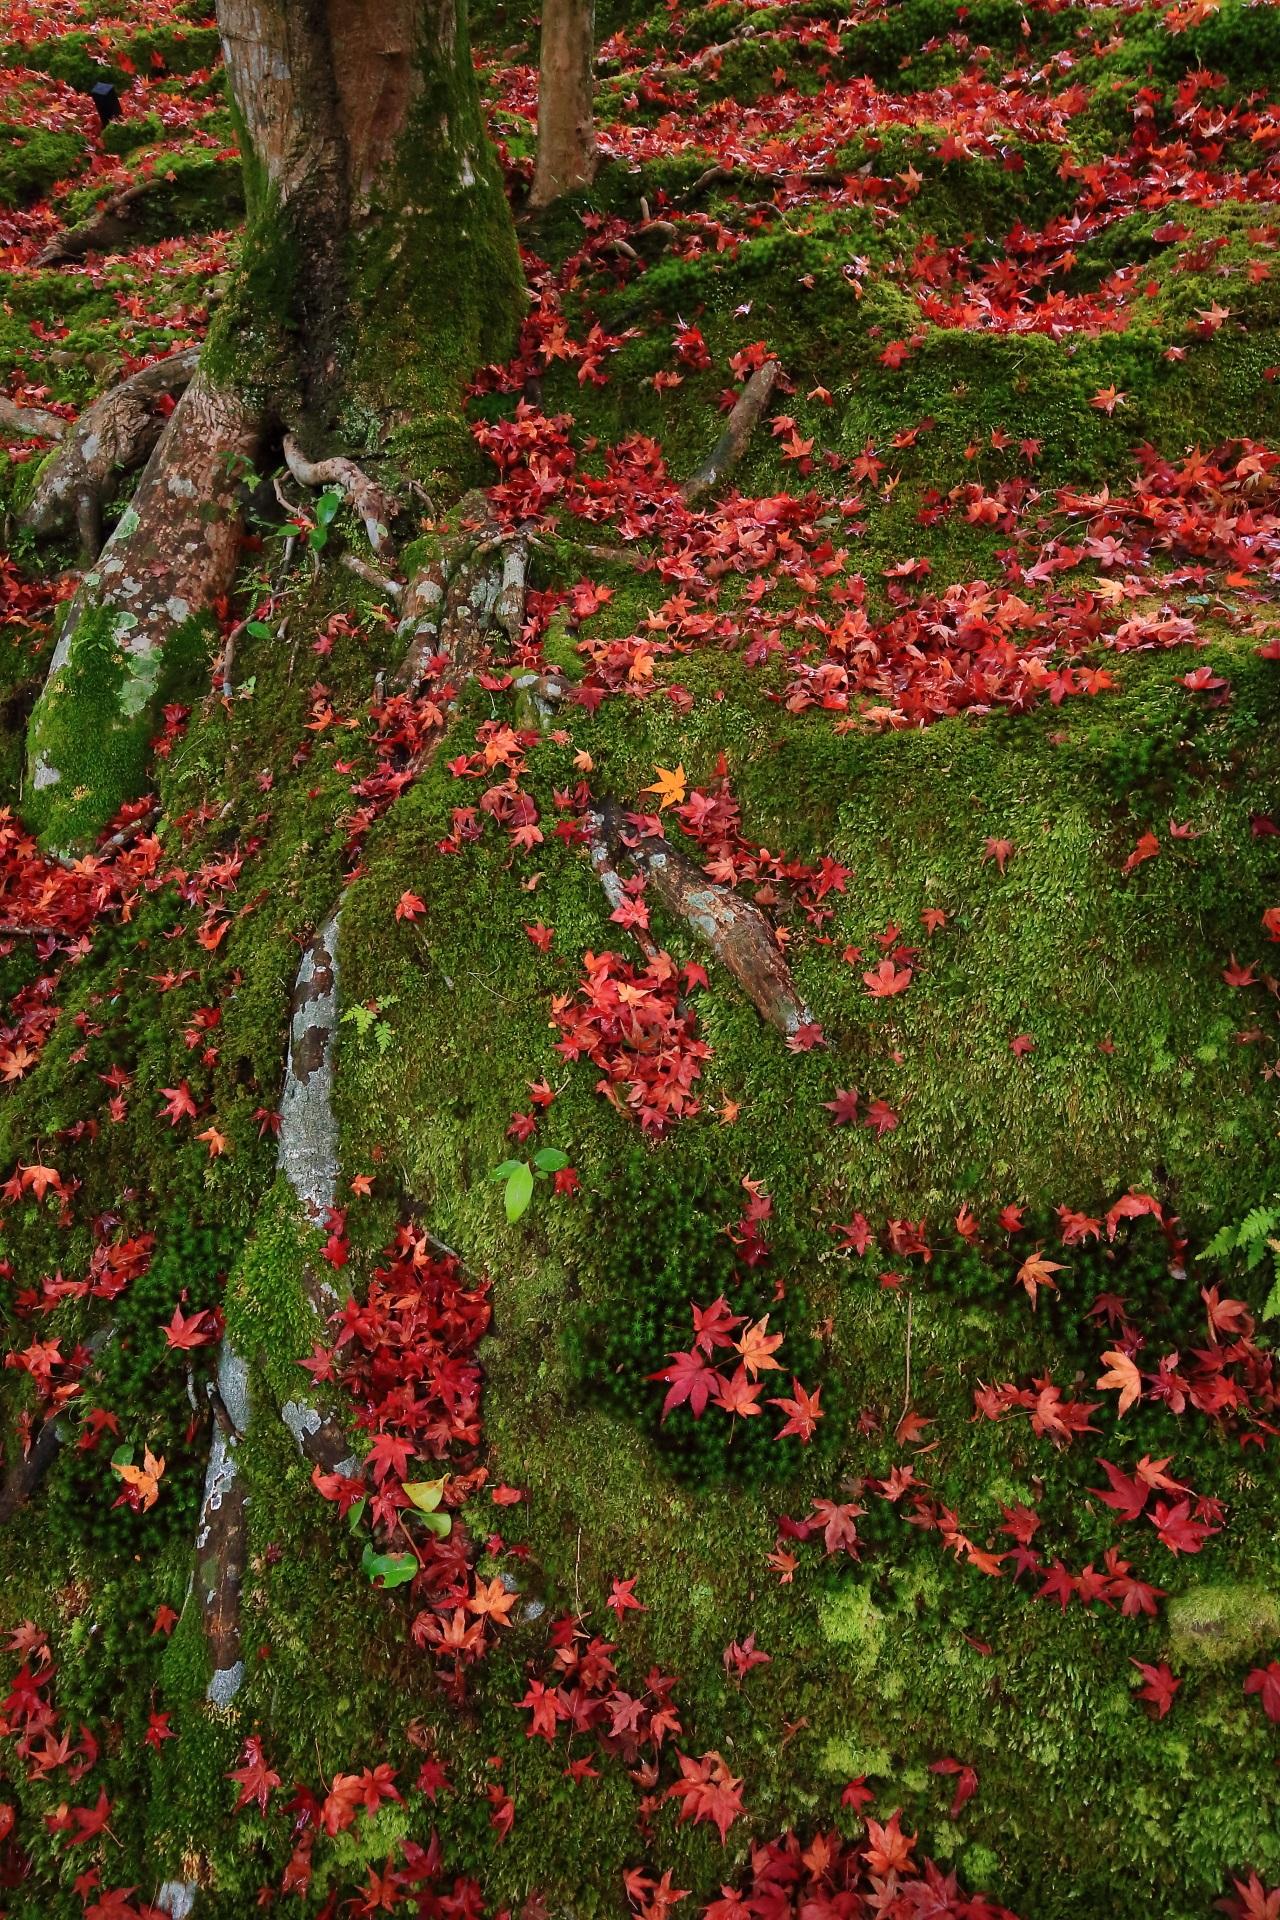 木の根と苔を染める鮮やかな散りもみじ